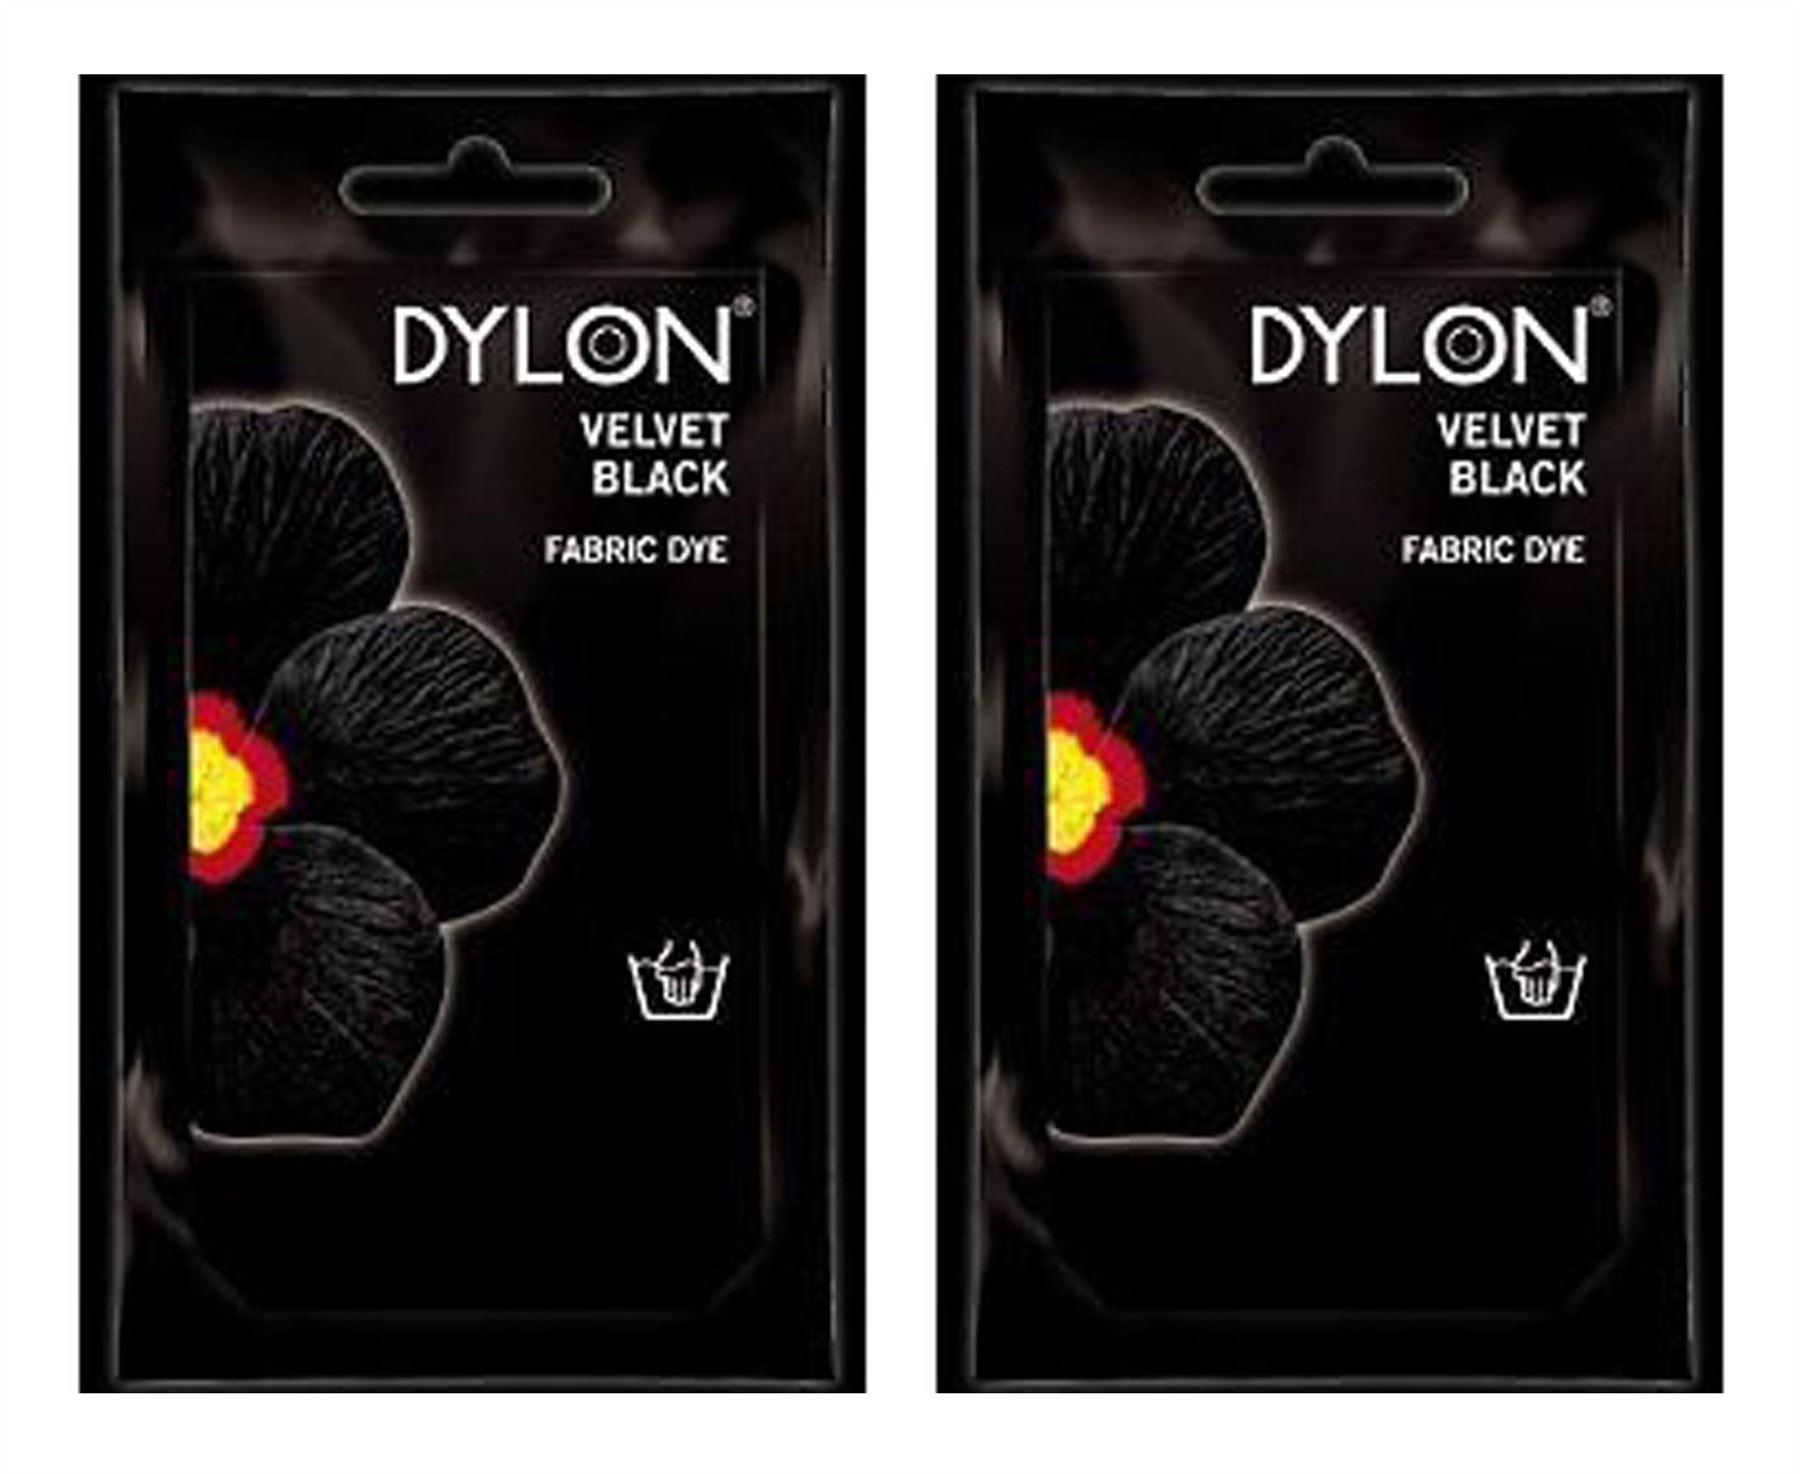 dylon velvet black fabric dye instructions